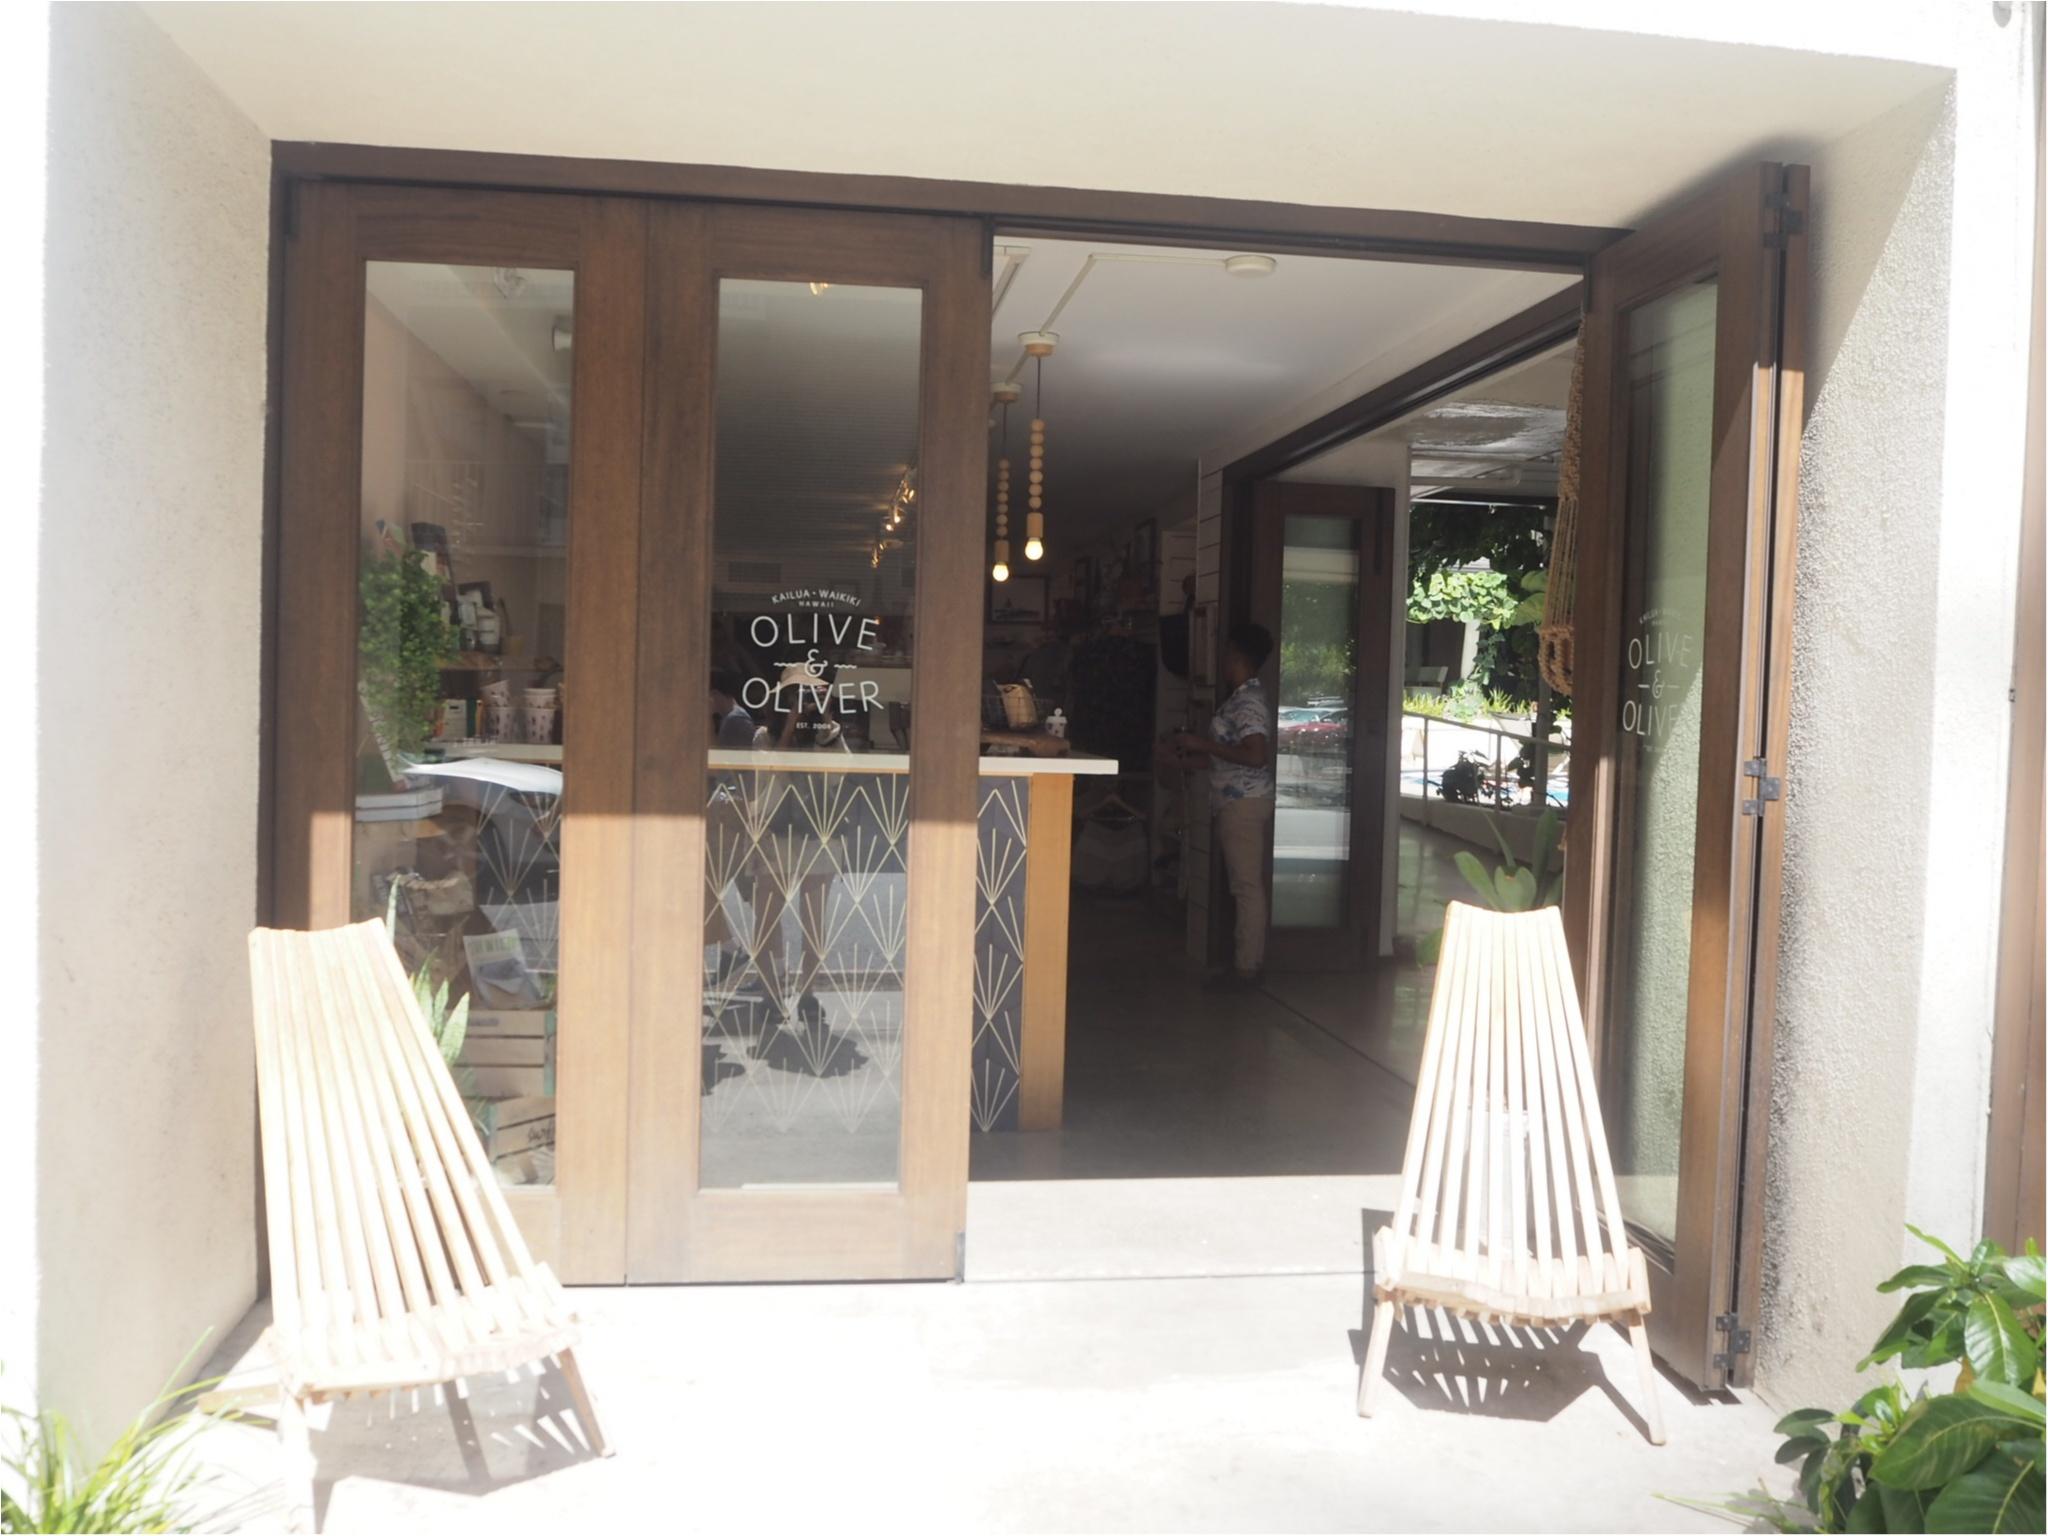 ハワイ/ホノルルをおさんぽ♪カップがかわいいと話題のコーヒースタンド♡_8